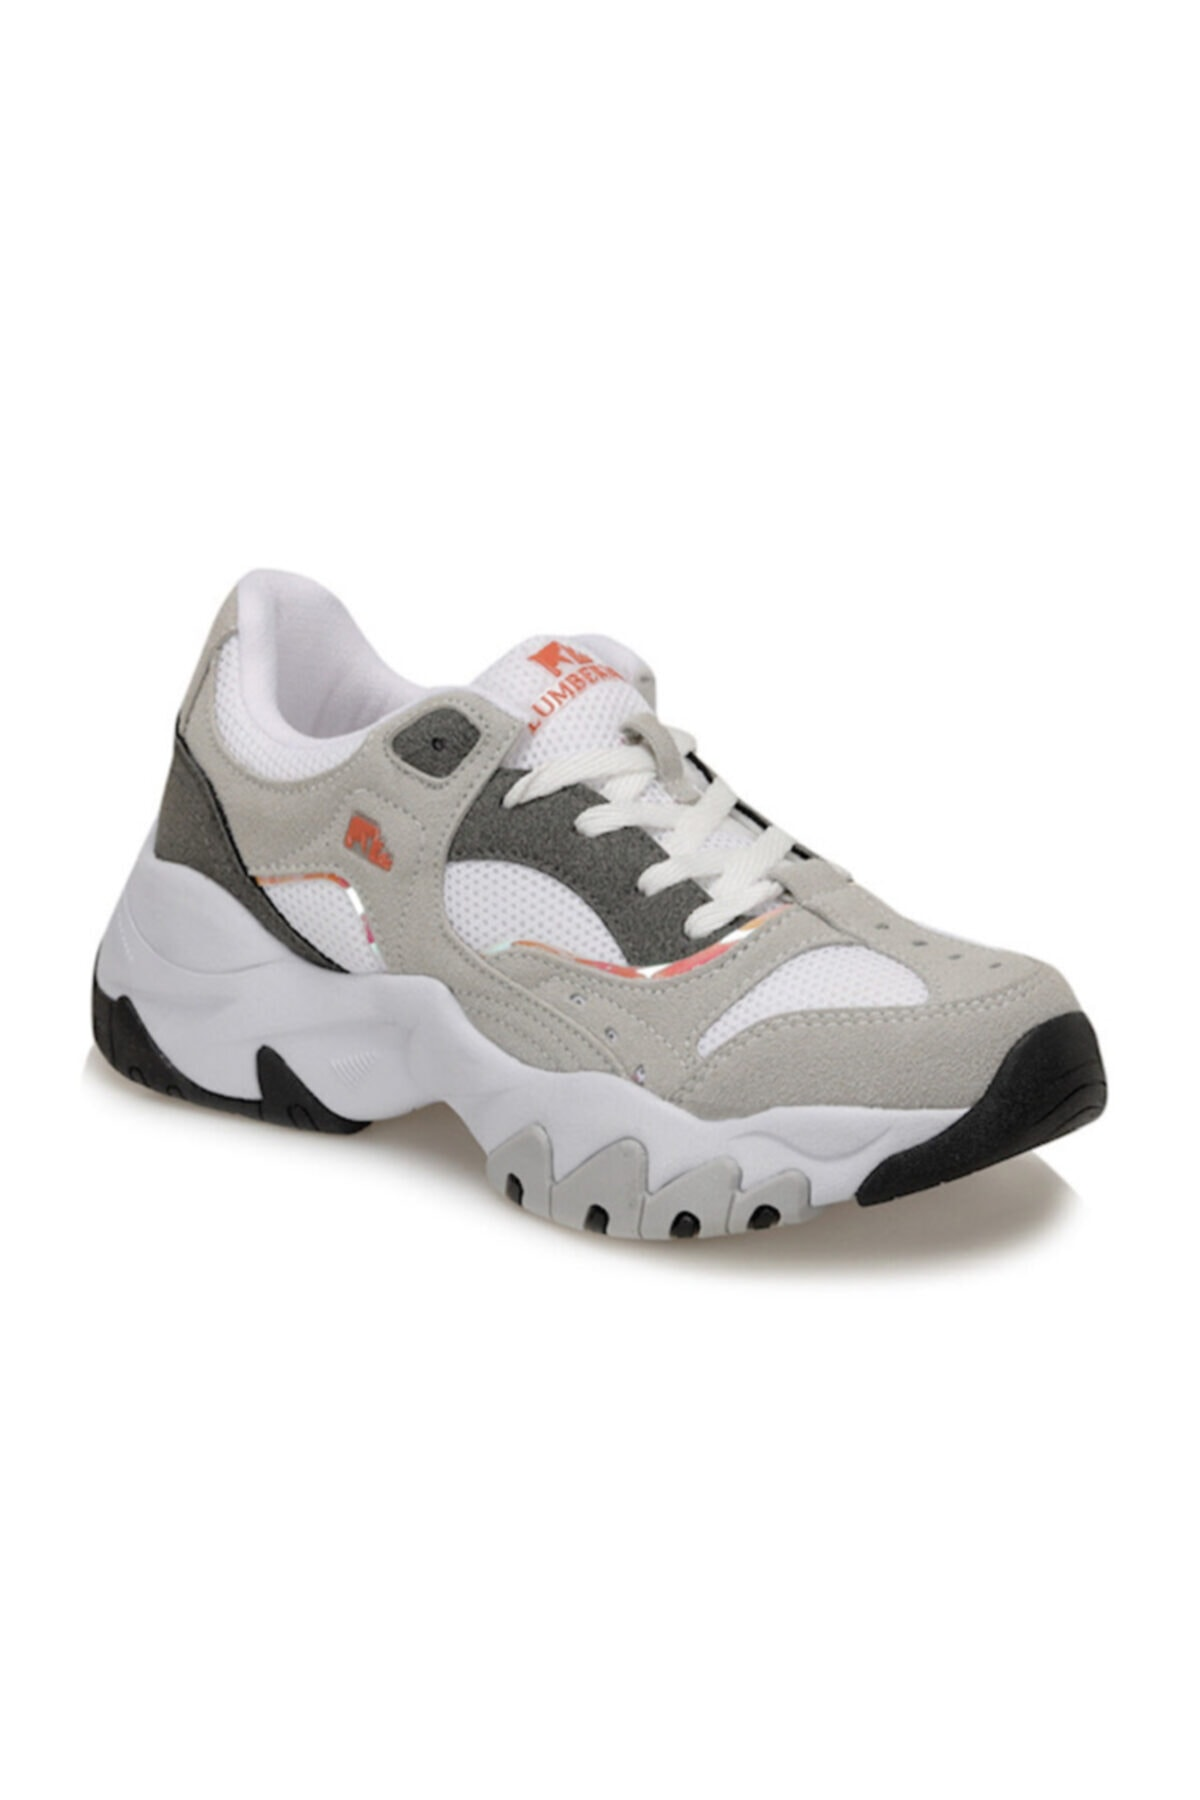 lumberjack Kadın Beyaz Topuklu Sneaker Ayakkabı Regına 1